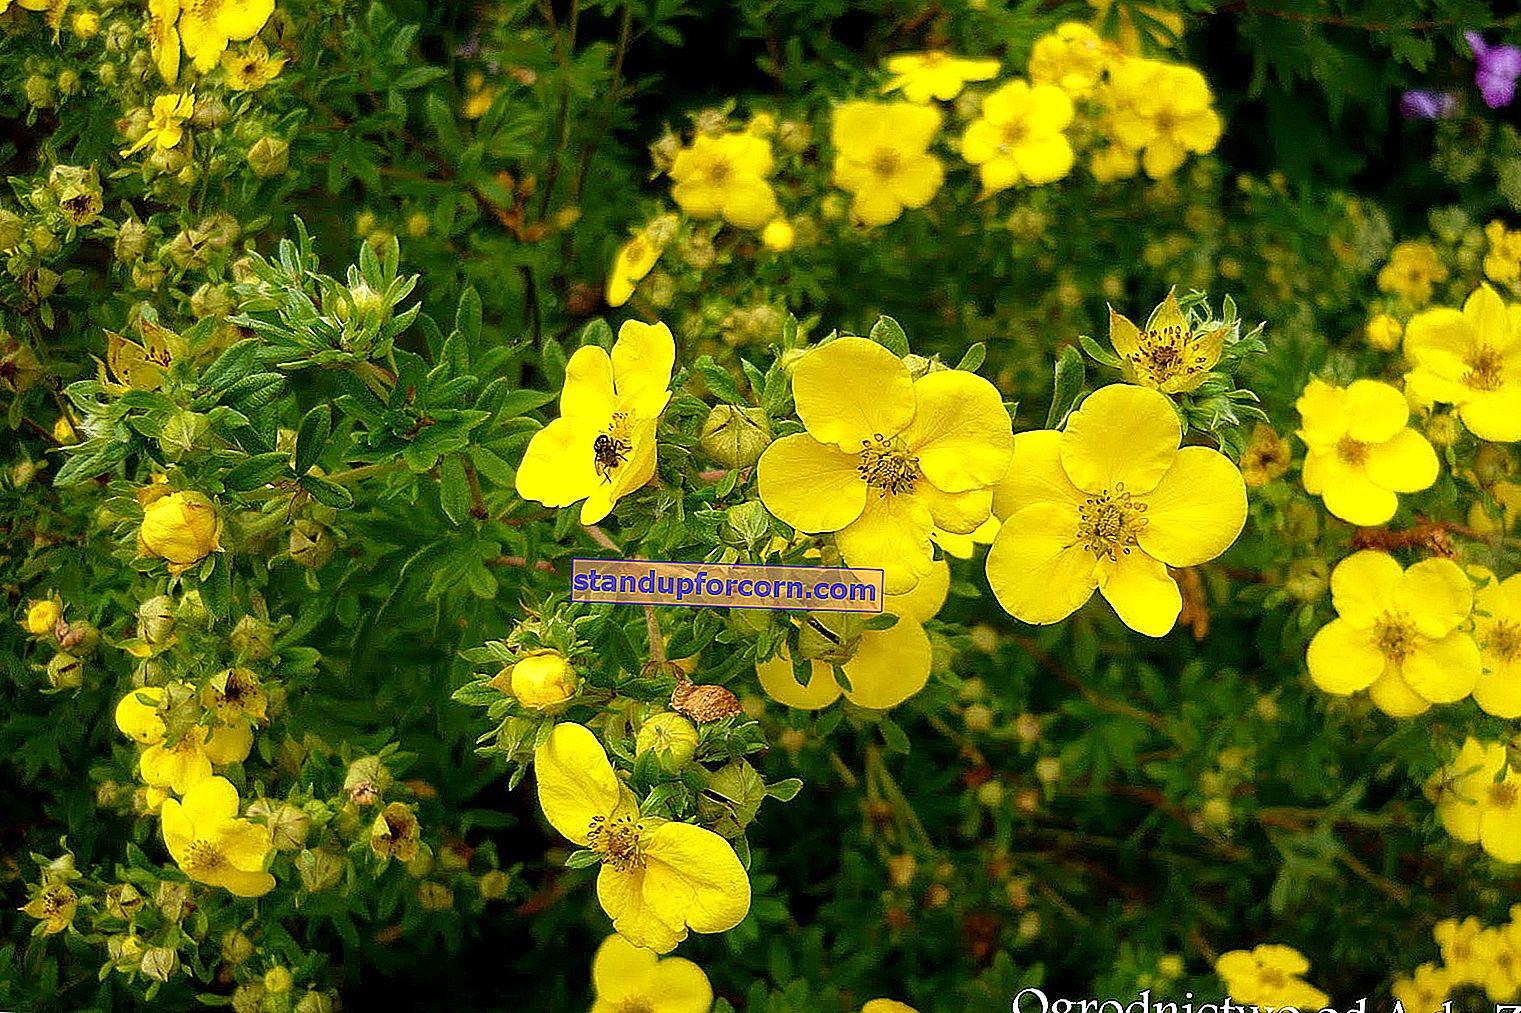 Krík lesný - odrody, pestovanie, rezanie, rozmnožovanie